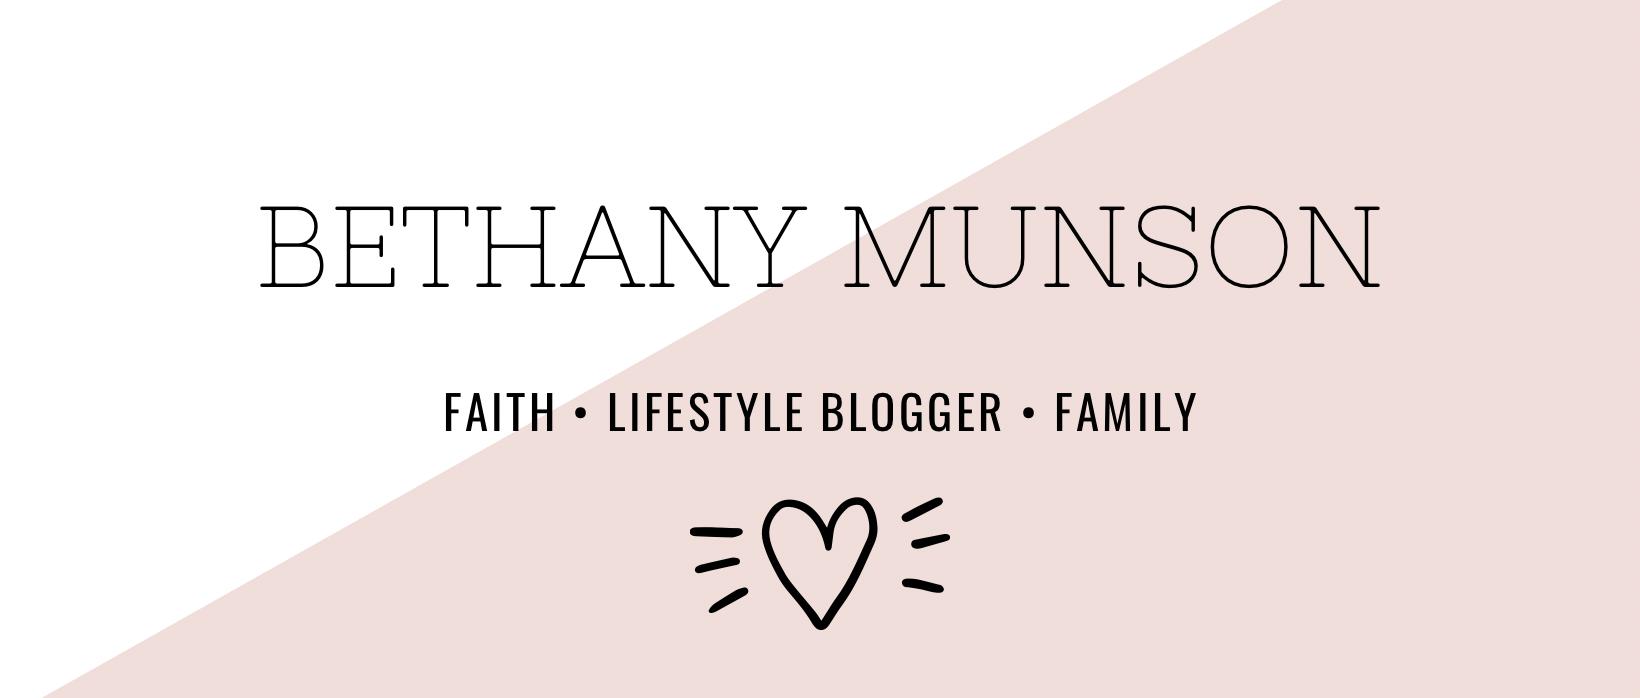 Bethany Munson